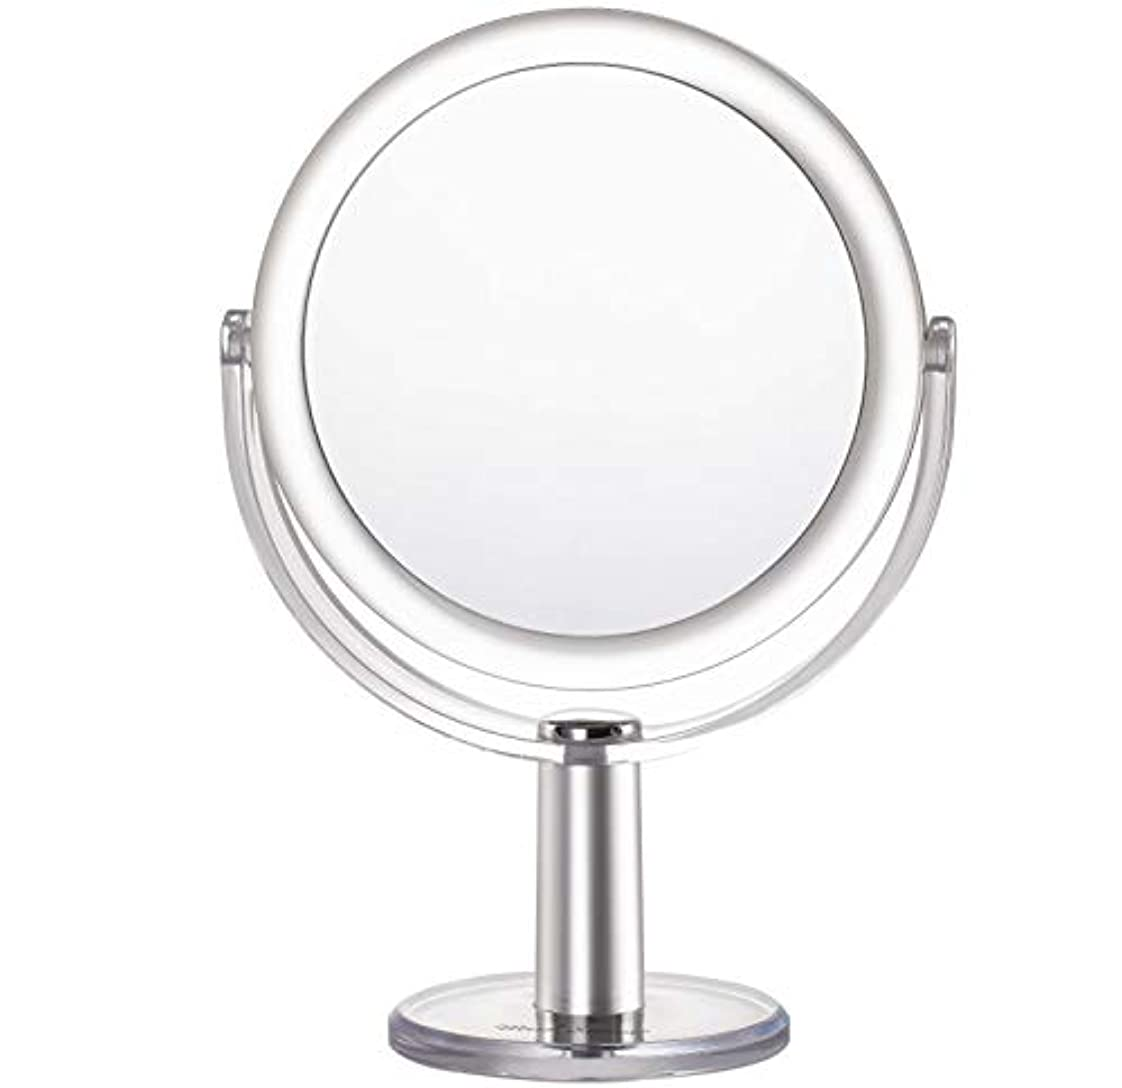 スペード空のデザートMiss Sweet 5倍拡大鏡付き スタンドミラー 卓上化粧鏡 両面鏡 1倍*5倍 (Color 2 (1倍*5倍))